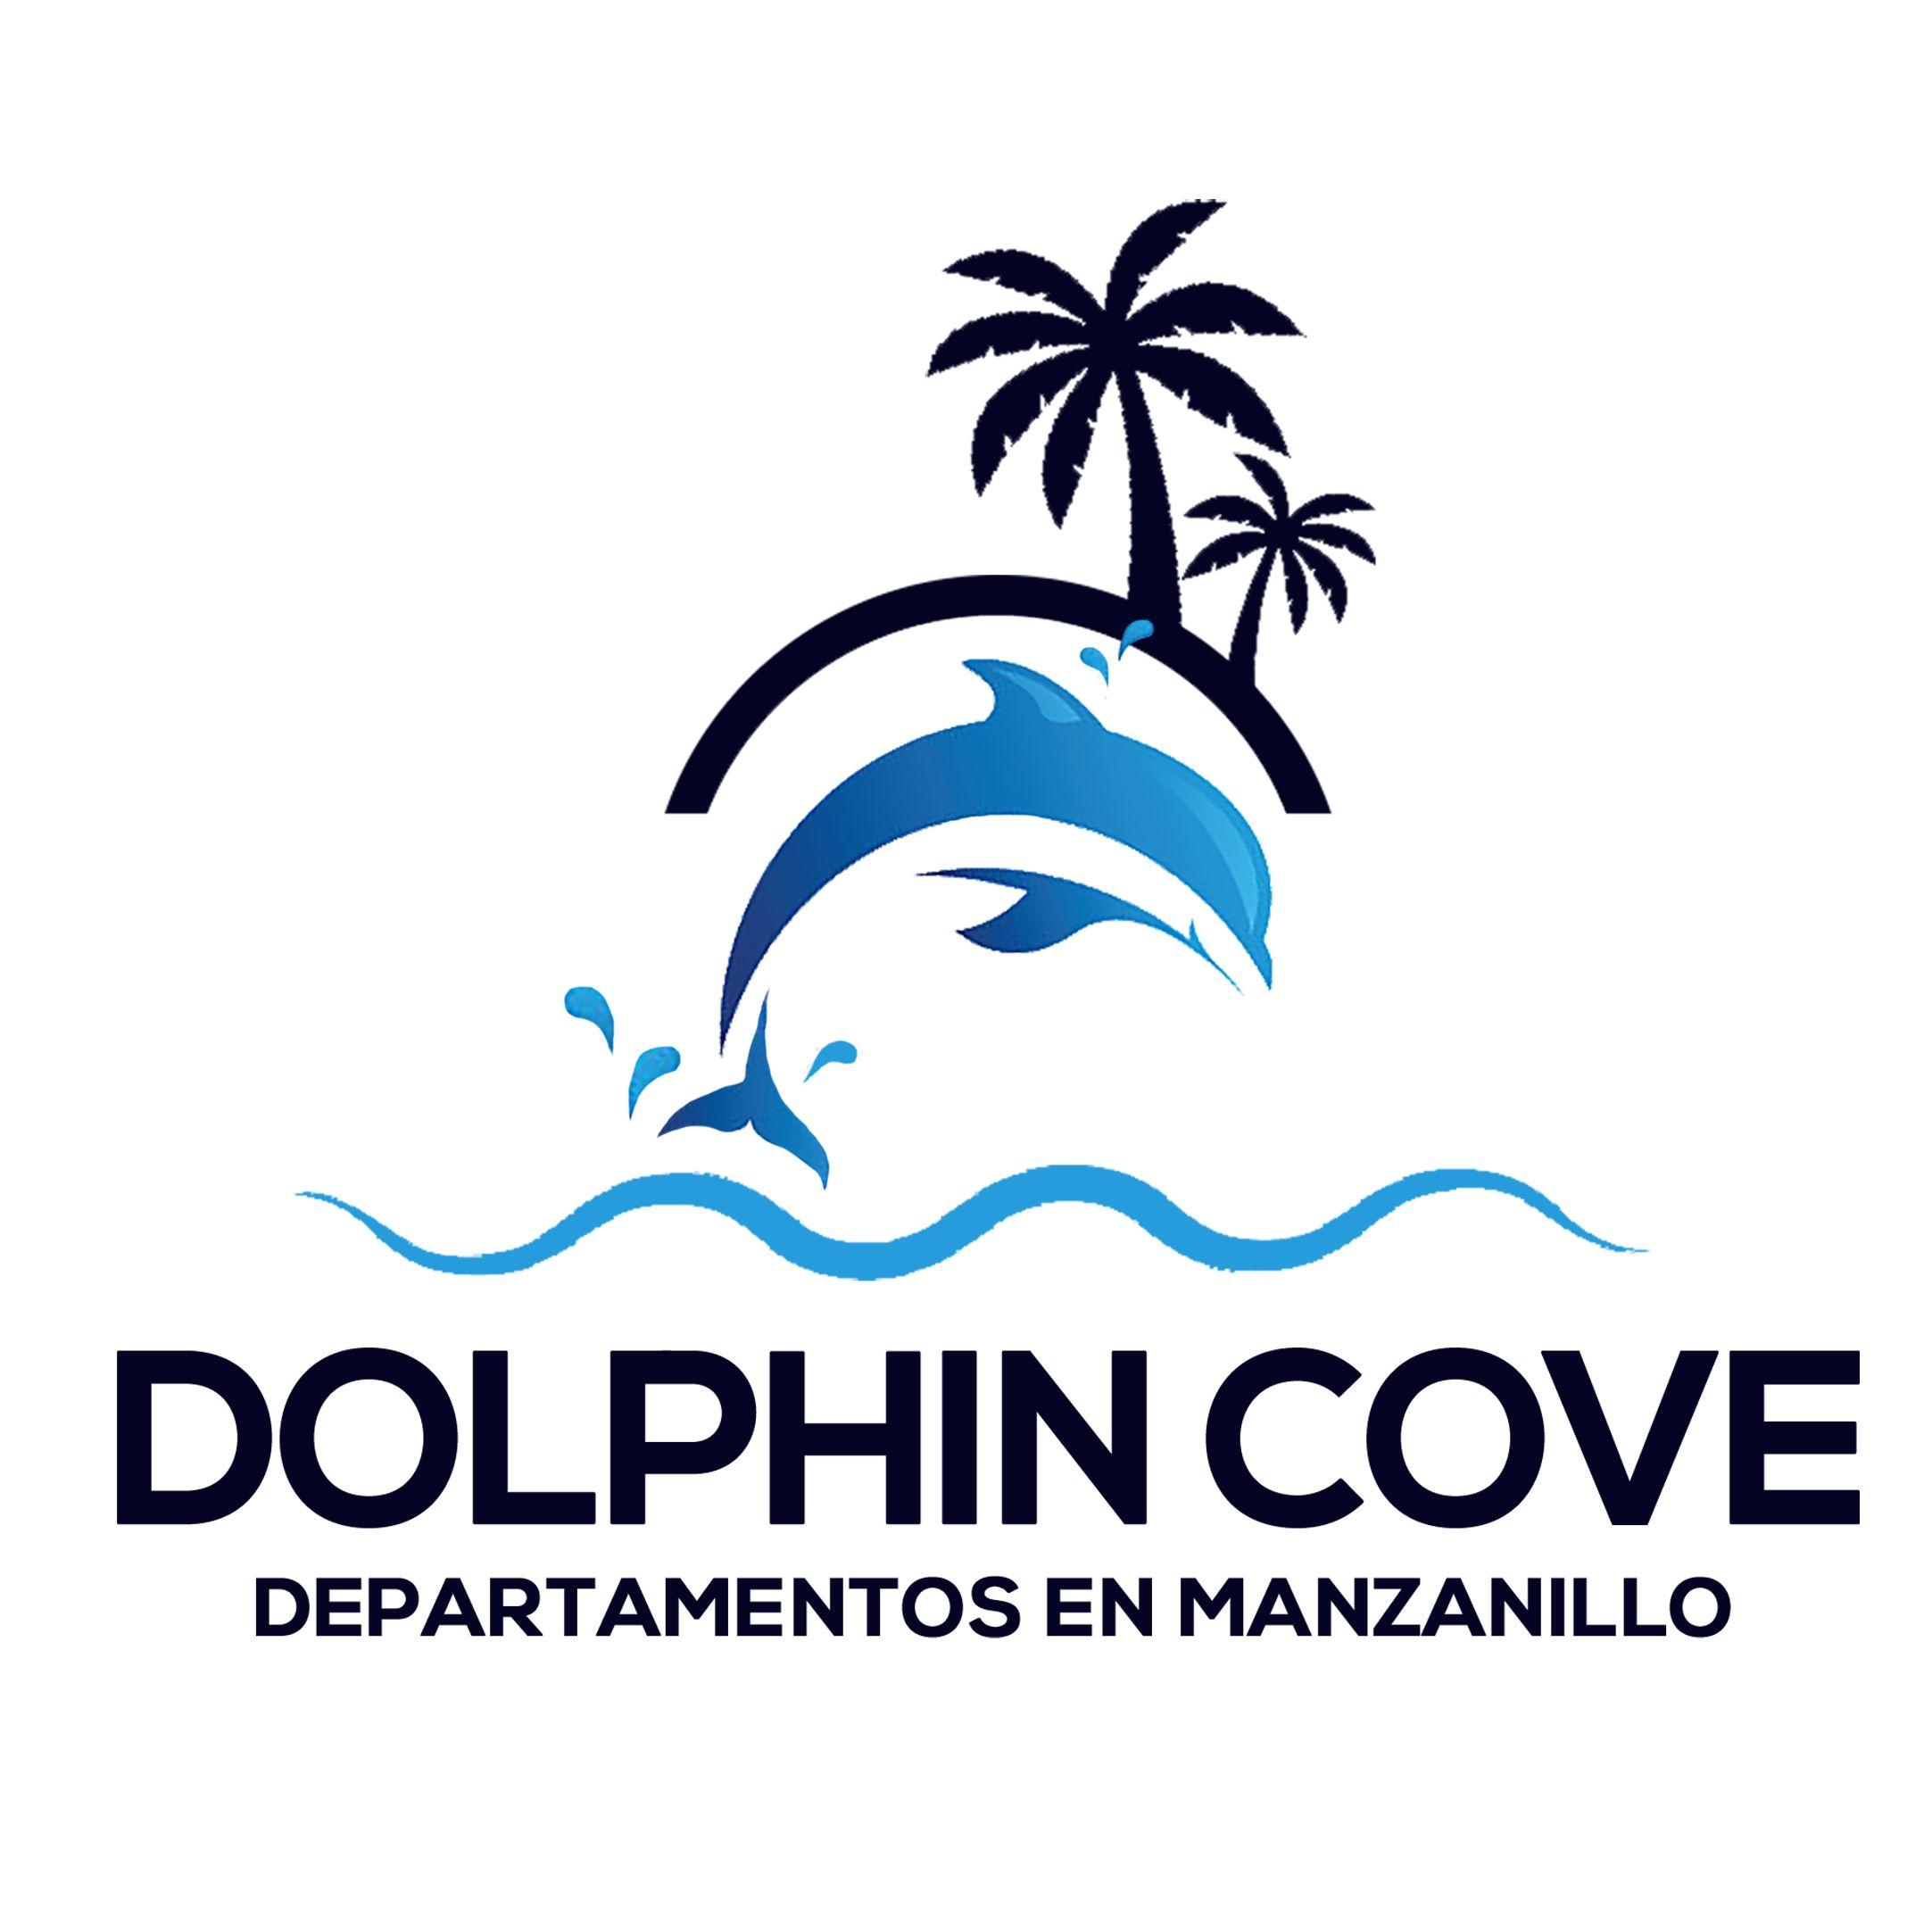 logo dolphin 2